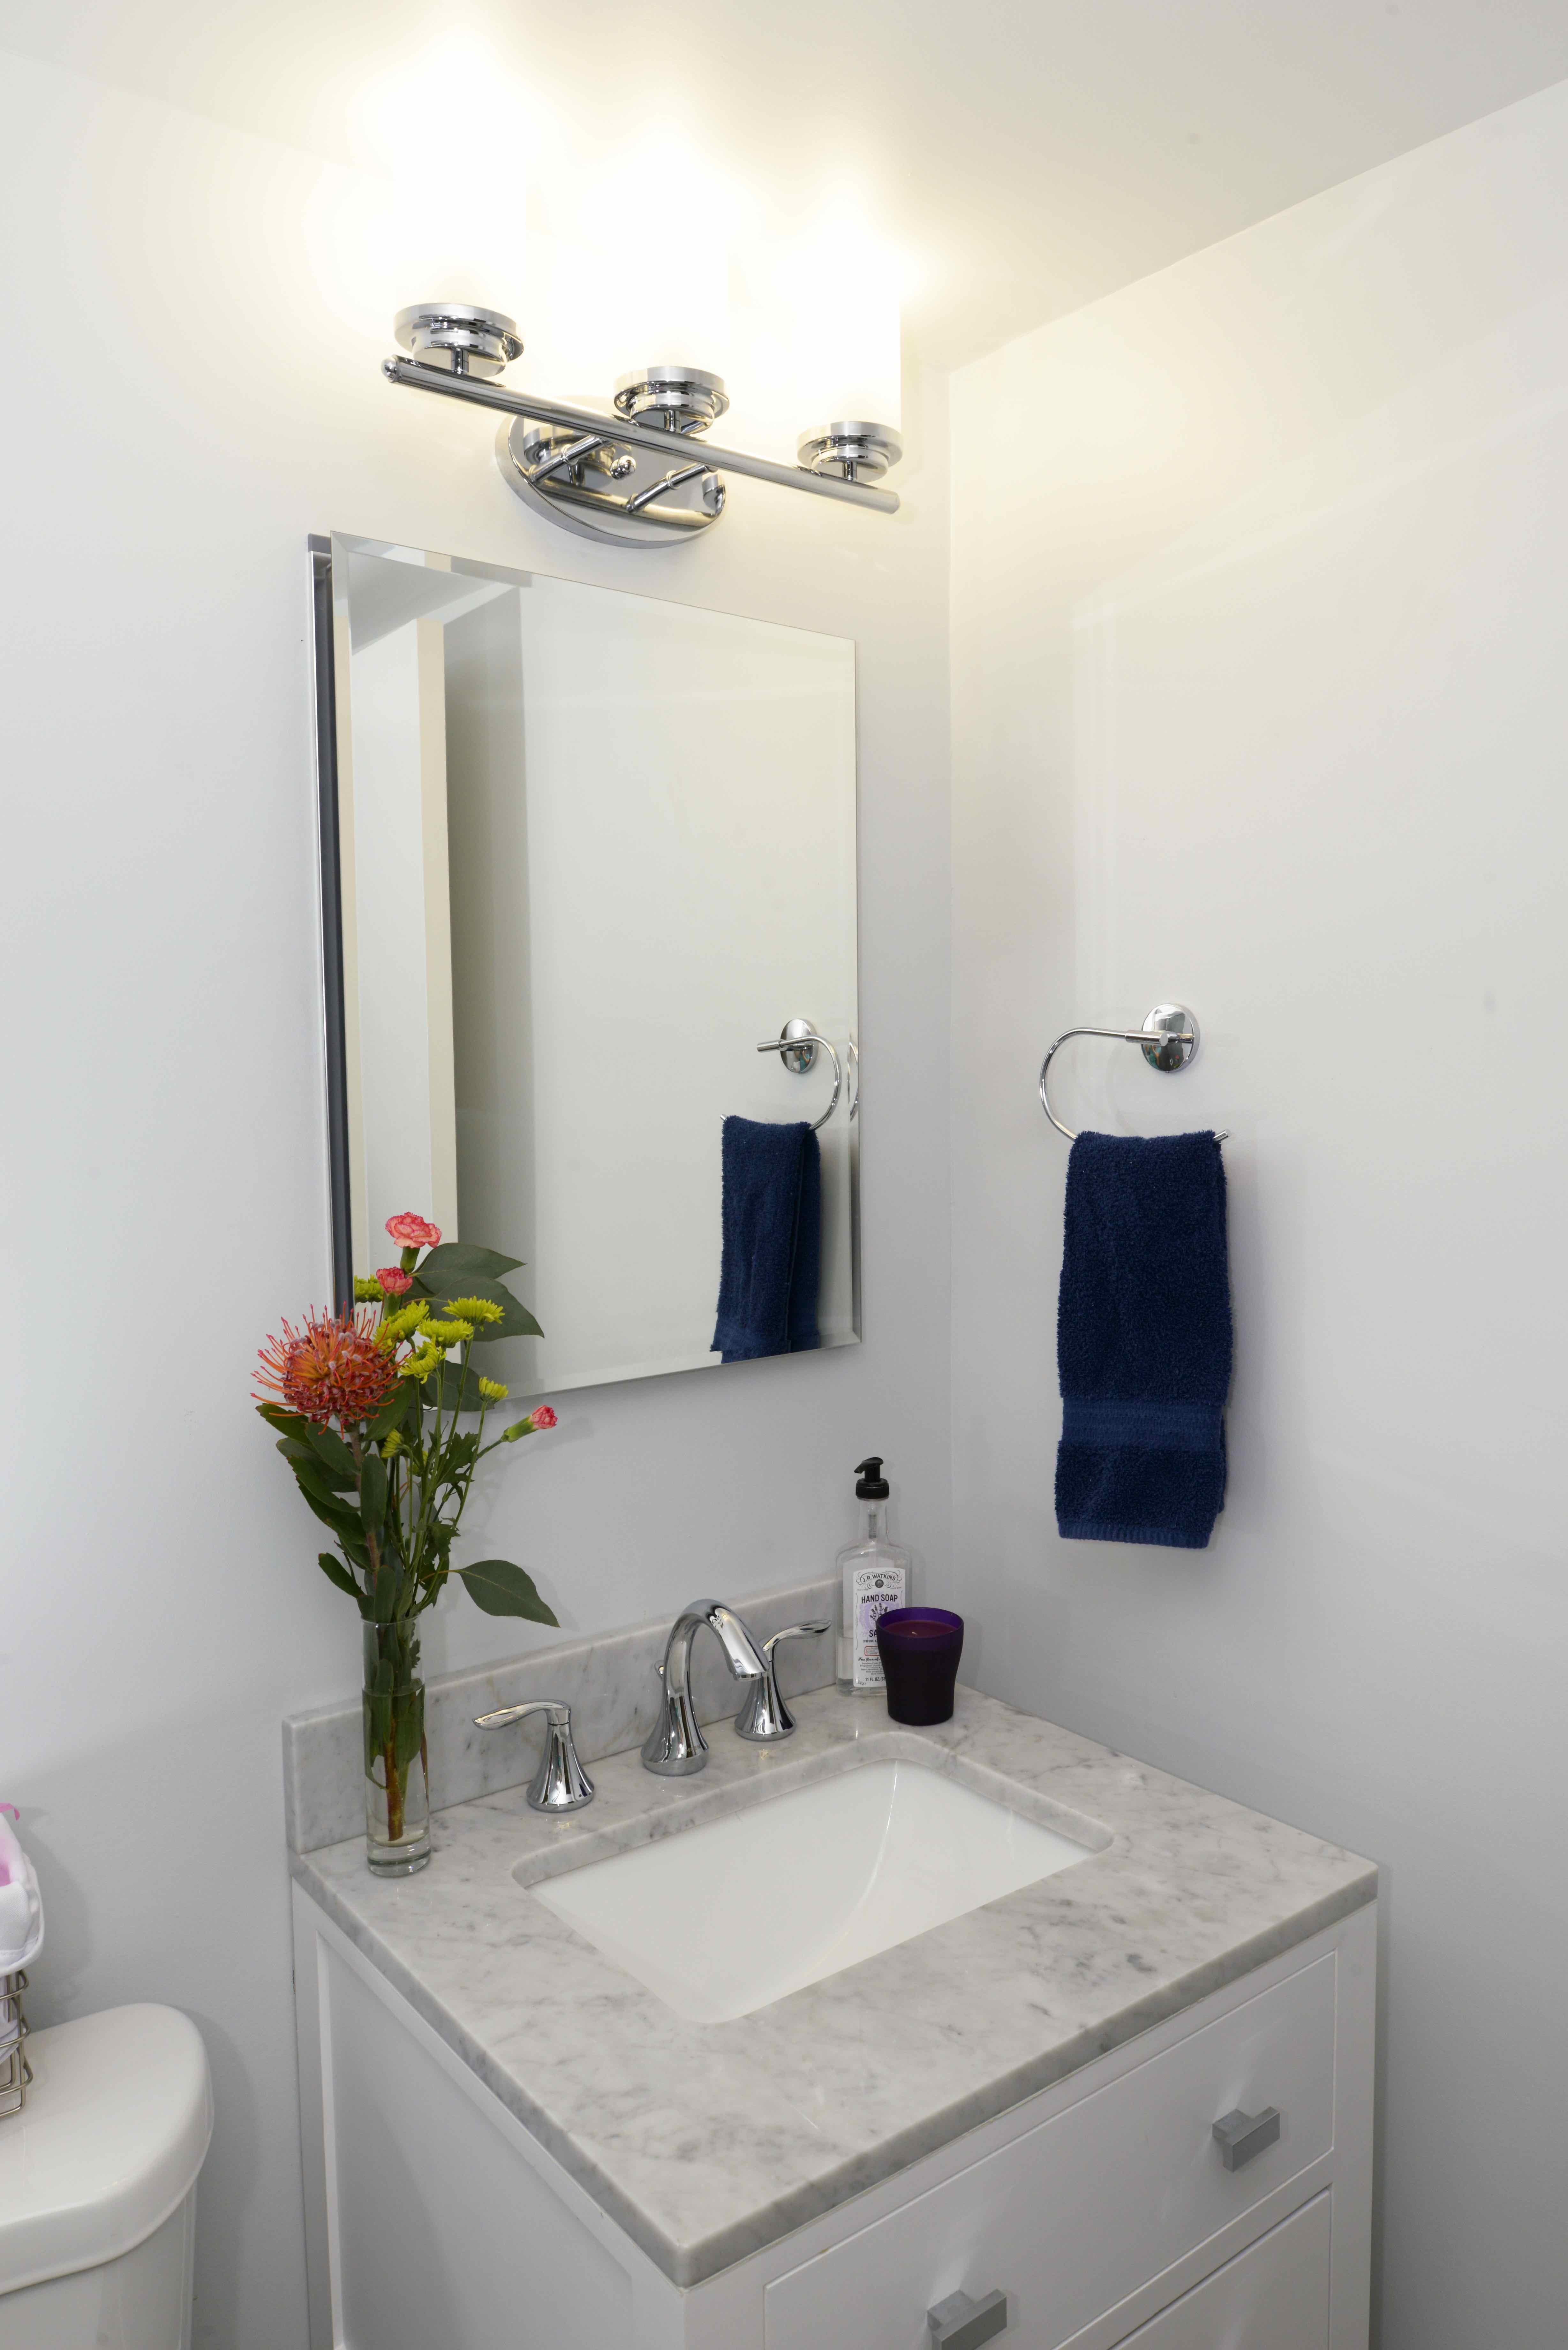 Photos (58) Bathroom Remodel